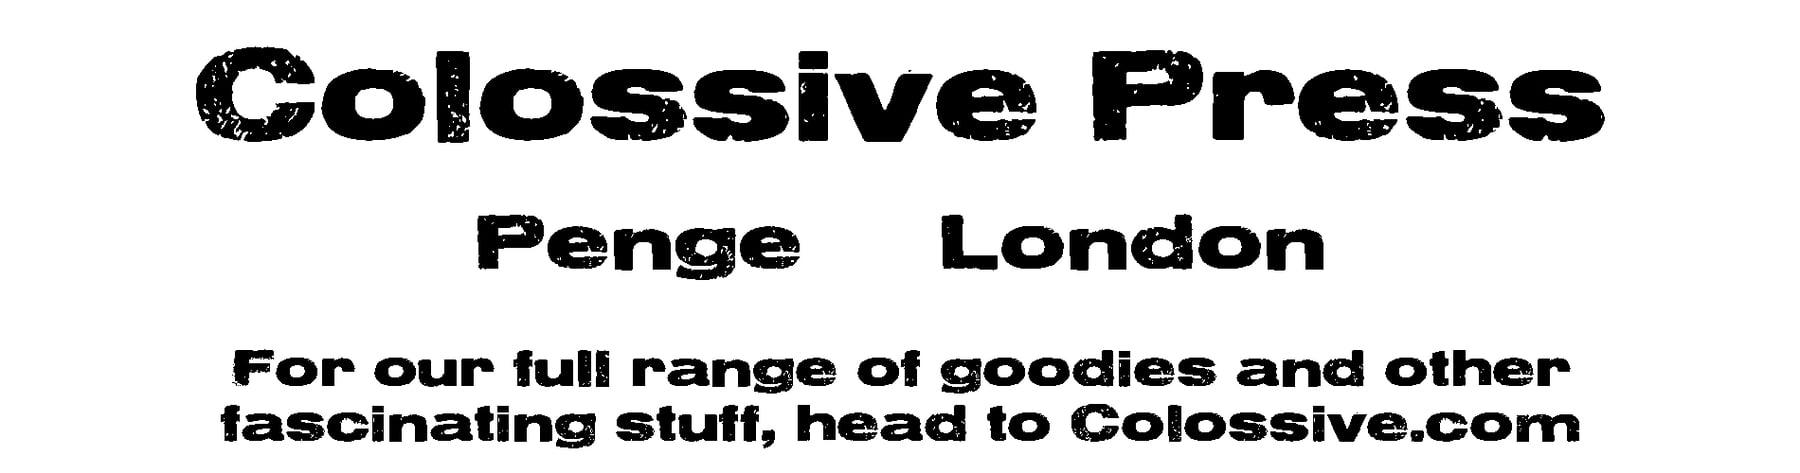 Colossive Press